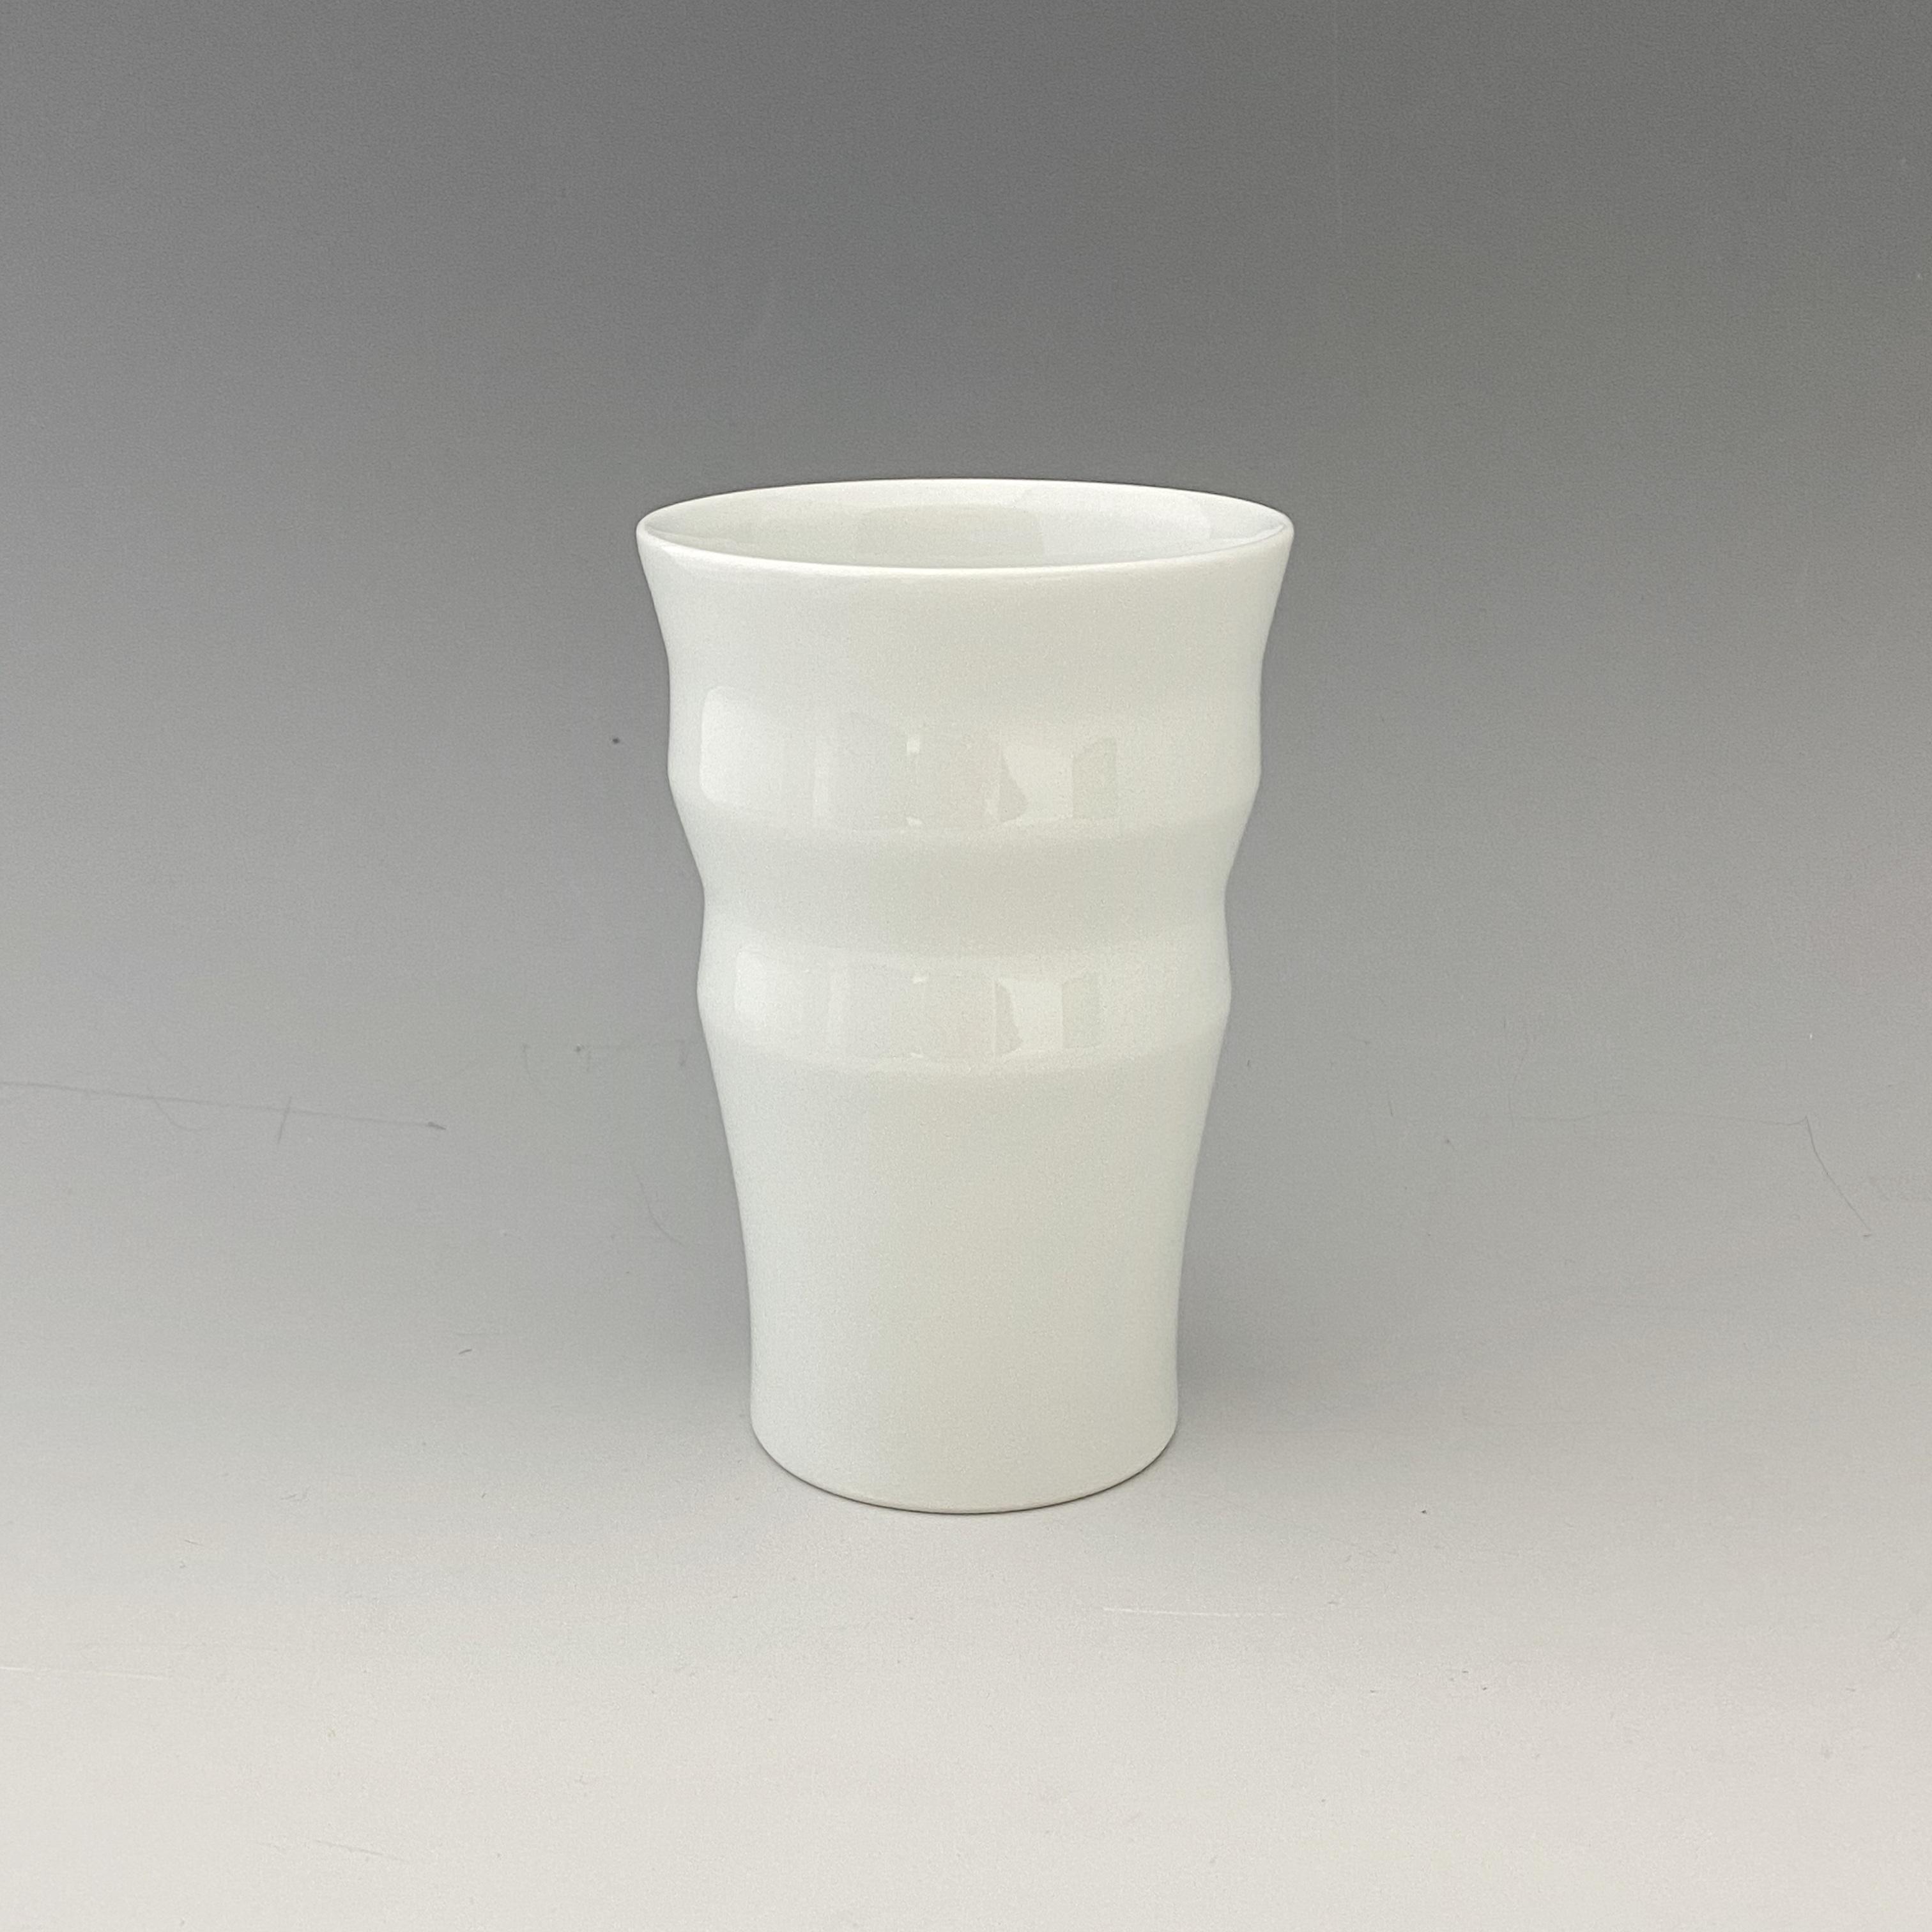 【中尾恭純】白磁二段彫フリーカップ